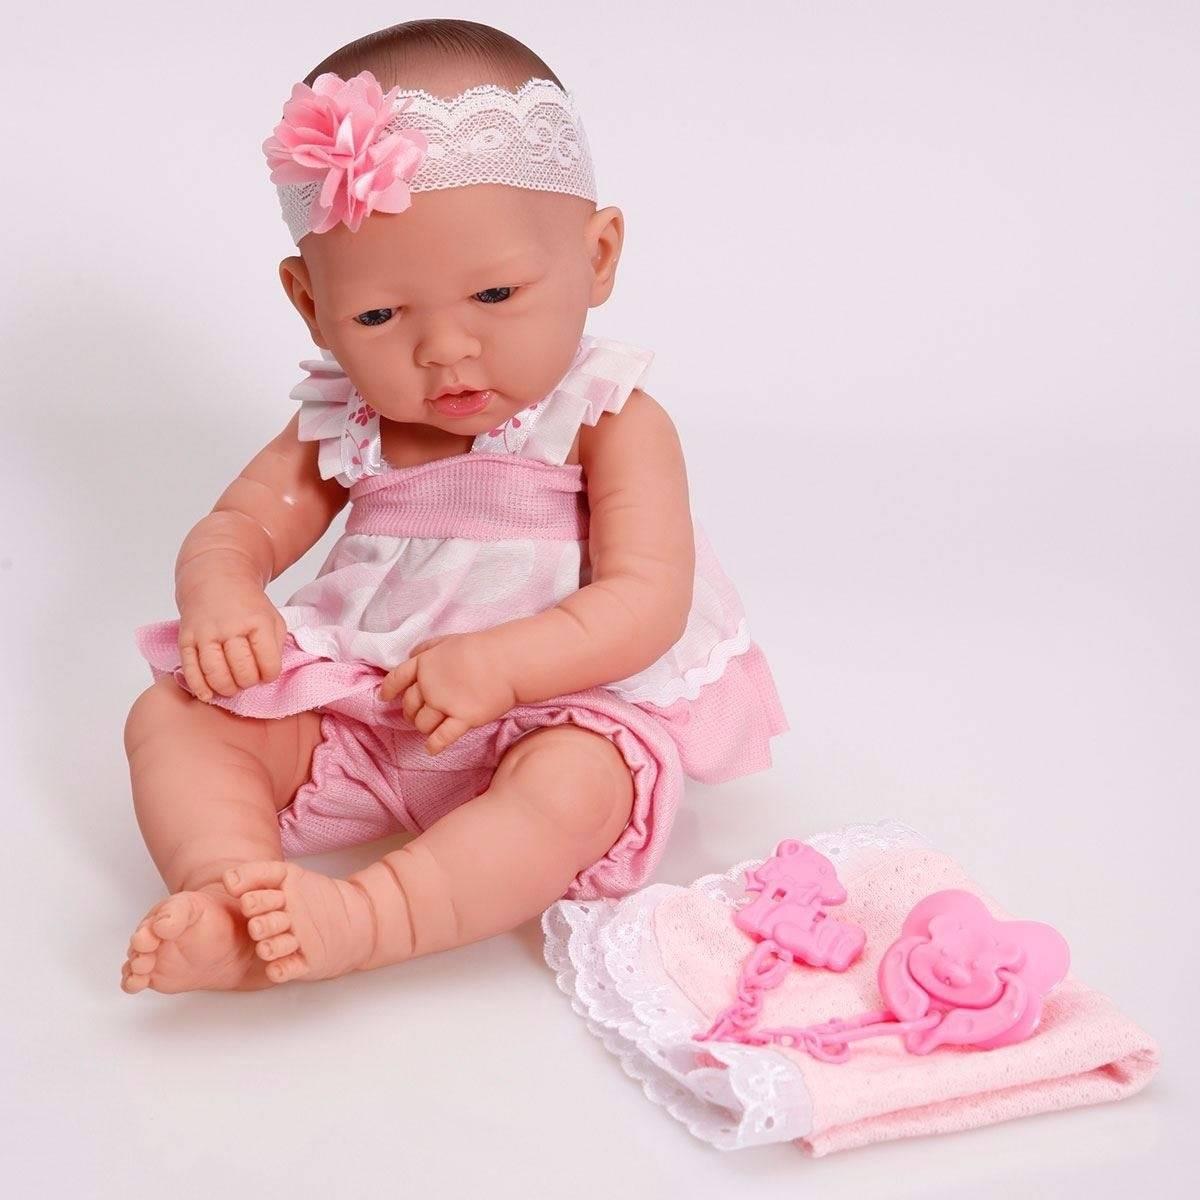 Boneca Tipo Bebê Reborn - Cotiplás 2032 - Noy Brinquedos